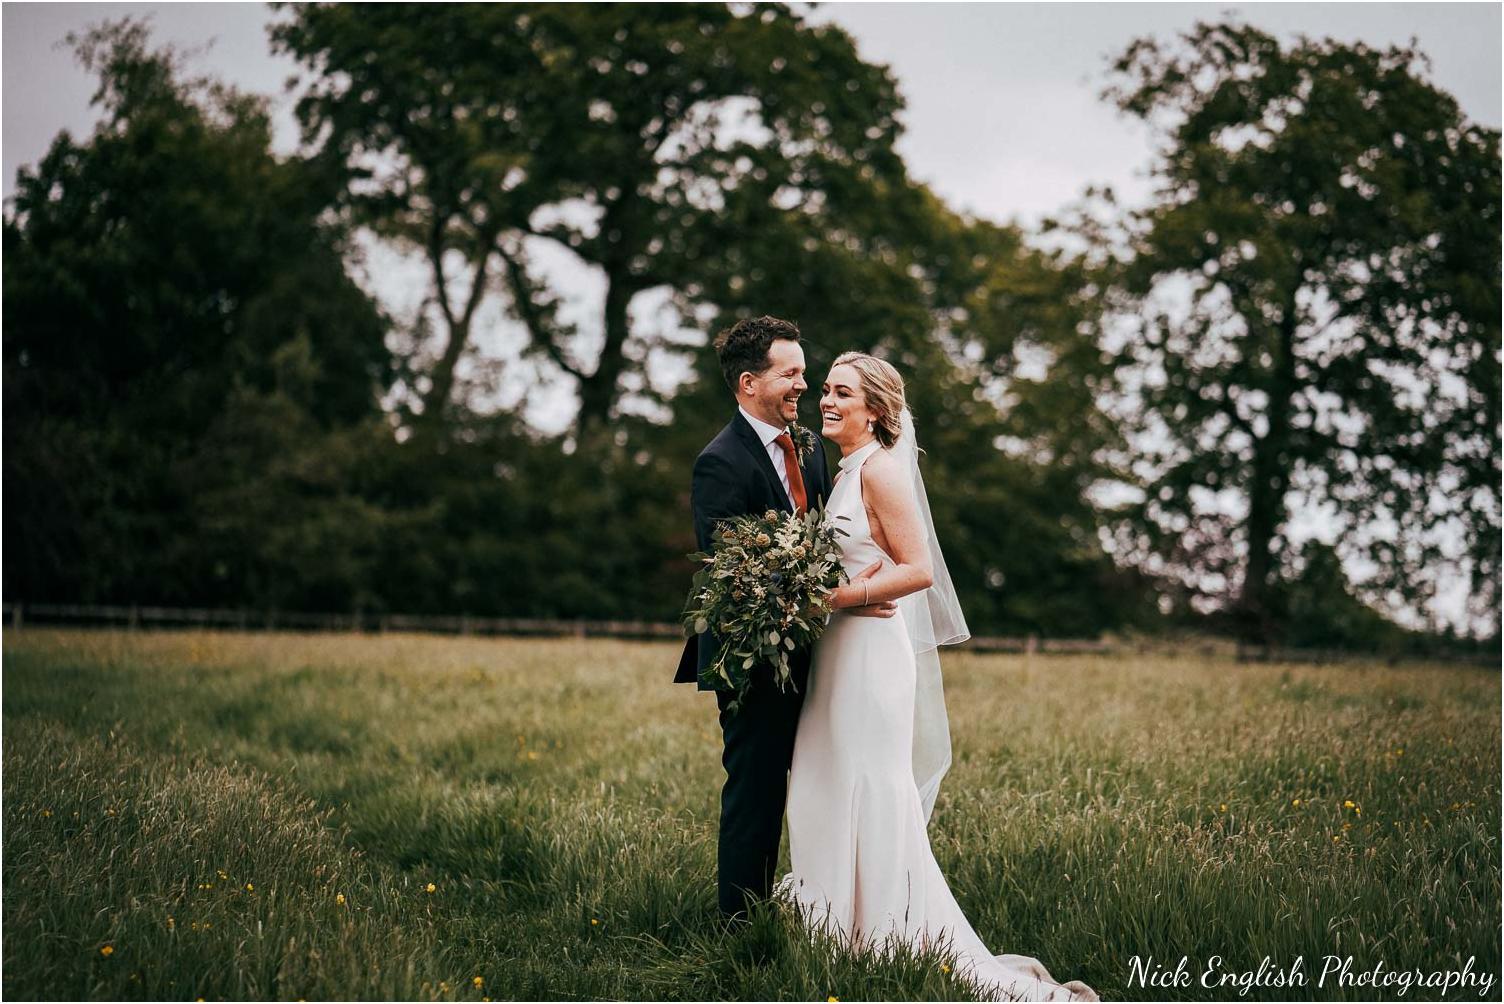 Browsholme_Hall_Wedding_Photograph-237.jpg